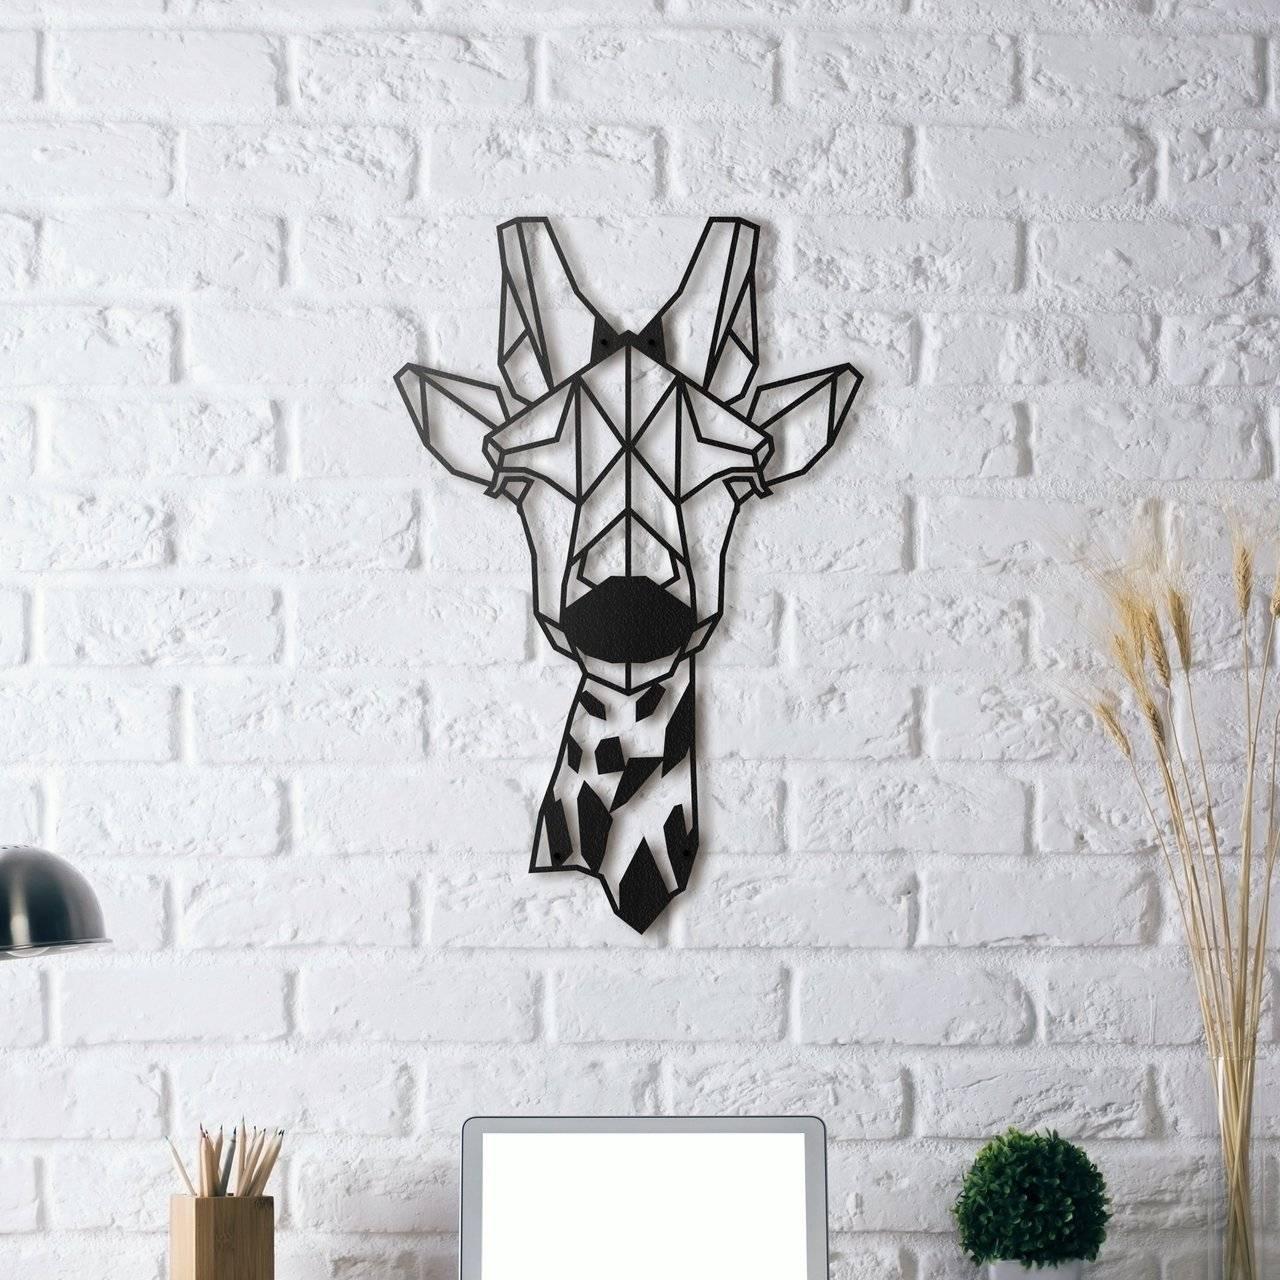 Giraffe » Petagadget Within 2017 Giraffe Metal Wall Art (View 10 of 20)